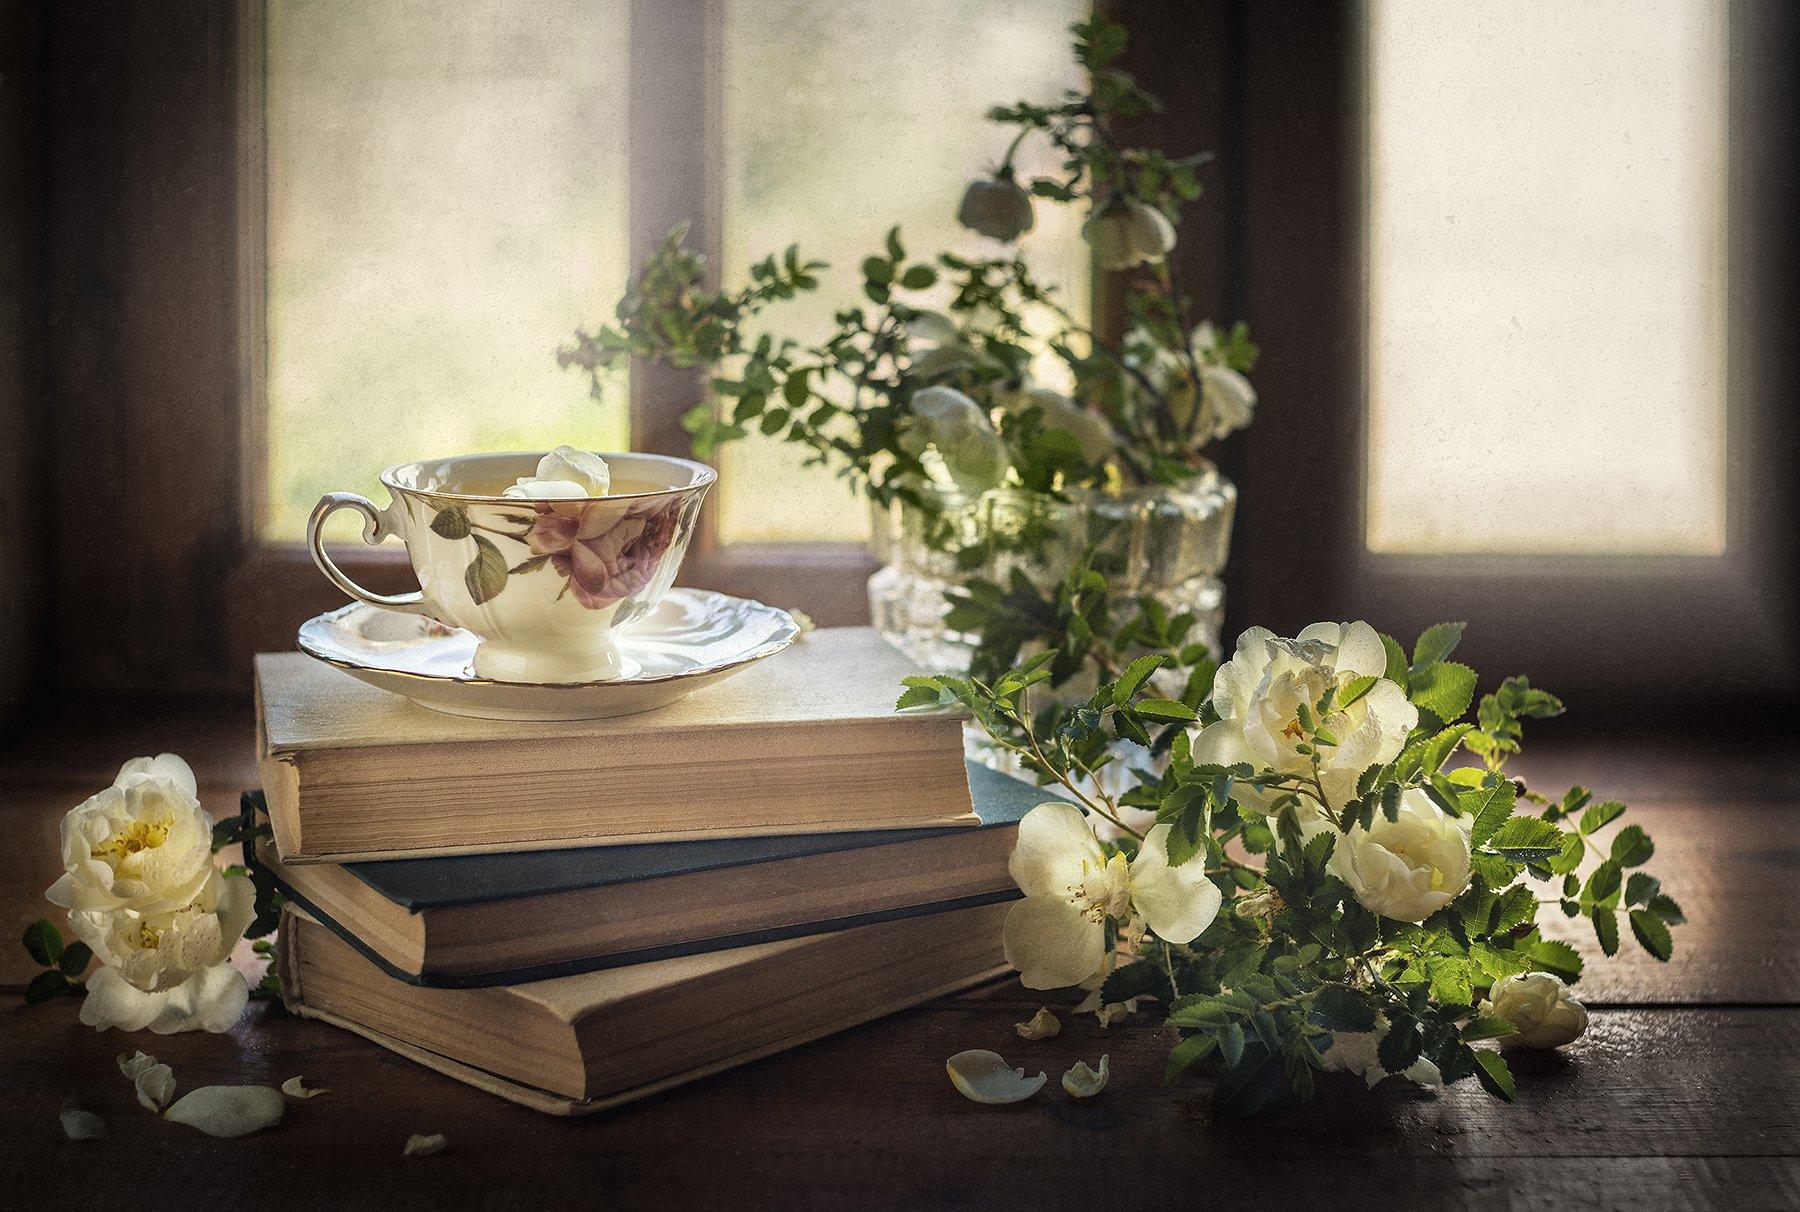 натюрморт, розы, цветы, книги, чай, окно, Ольга ЯR